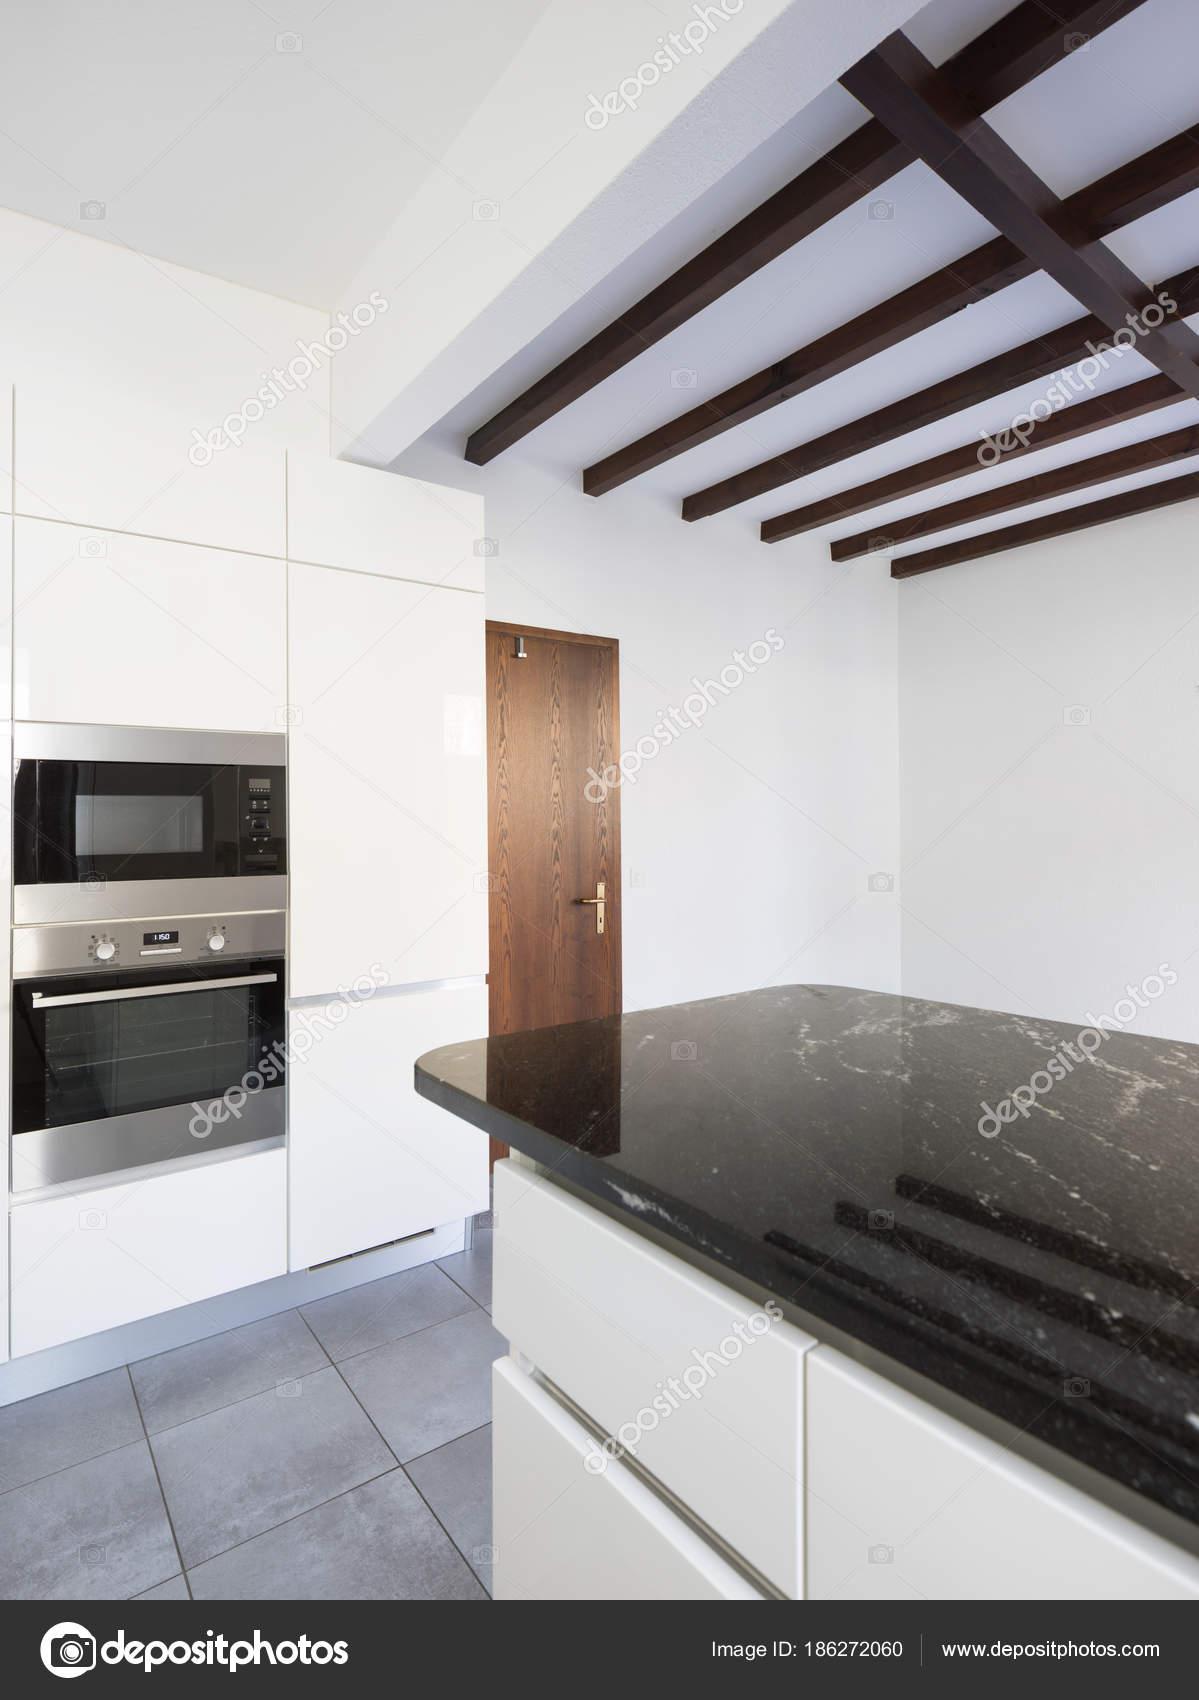 Dettagli della cucina bianca e nera, dettagli in marmo ...